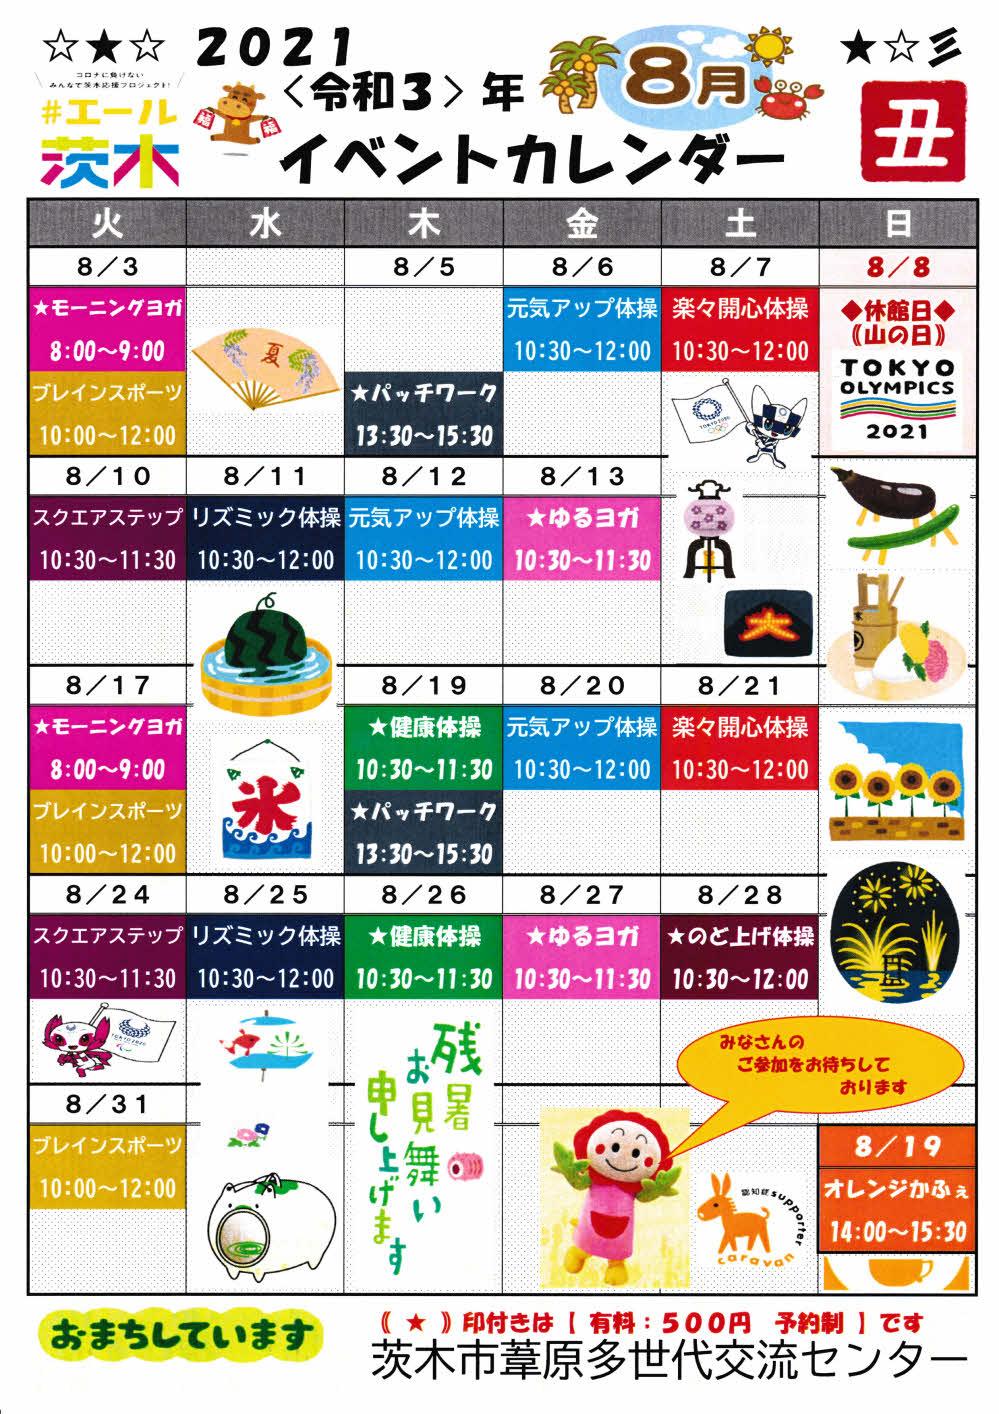 葦原多世代交流センター 8月イベントカレンダー